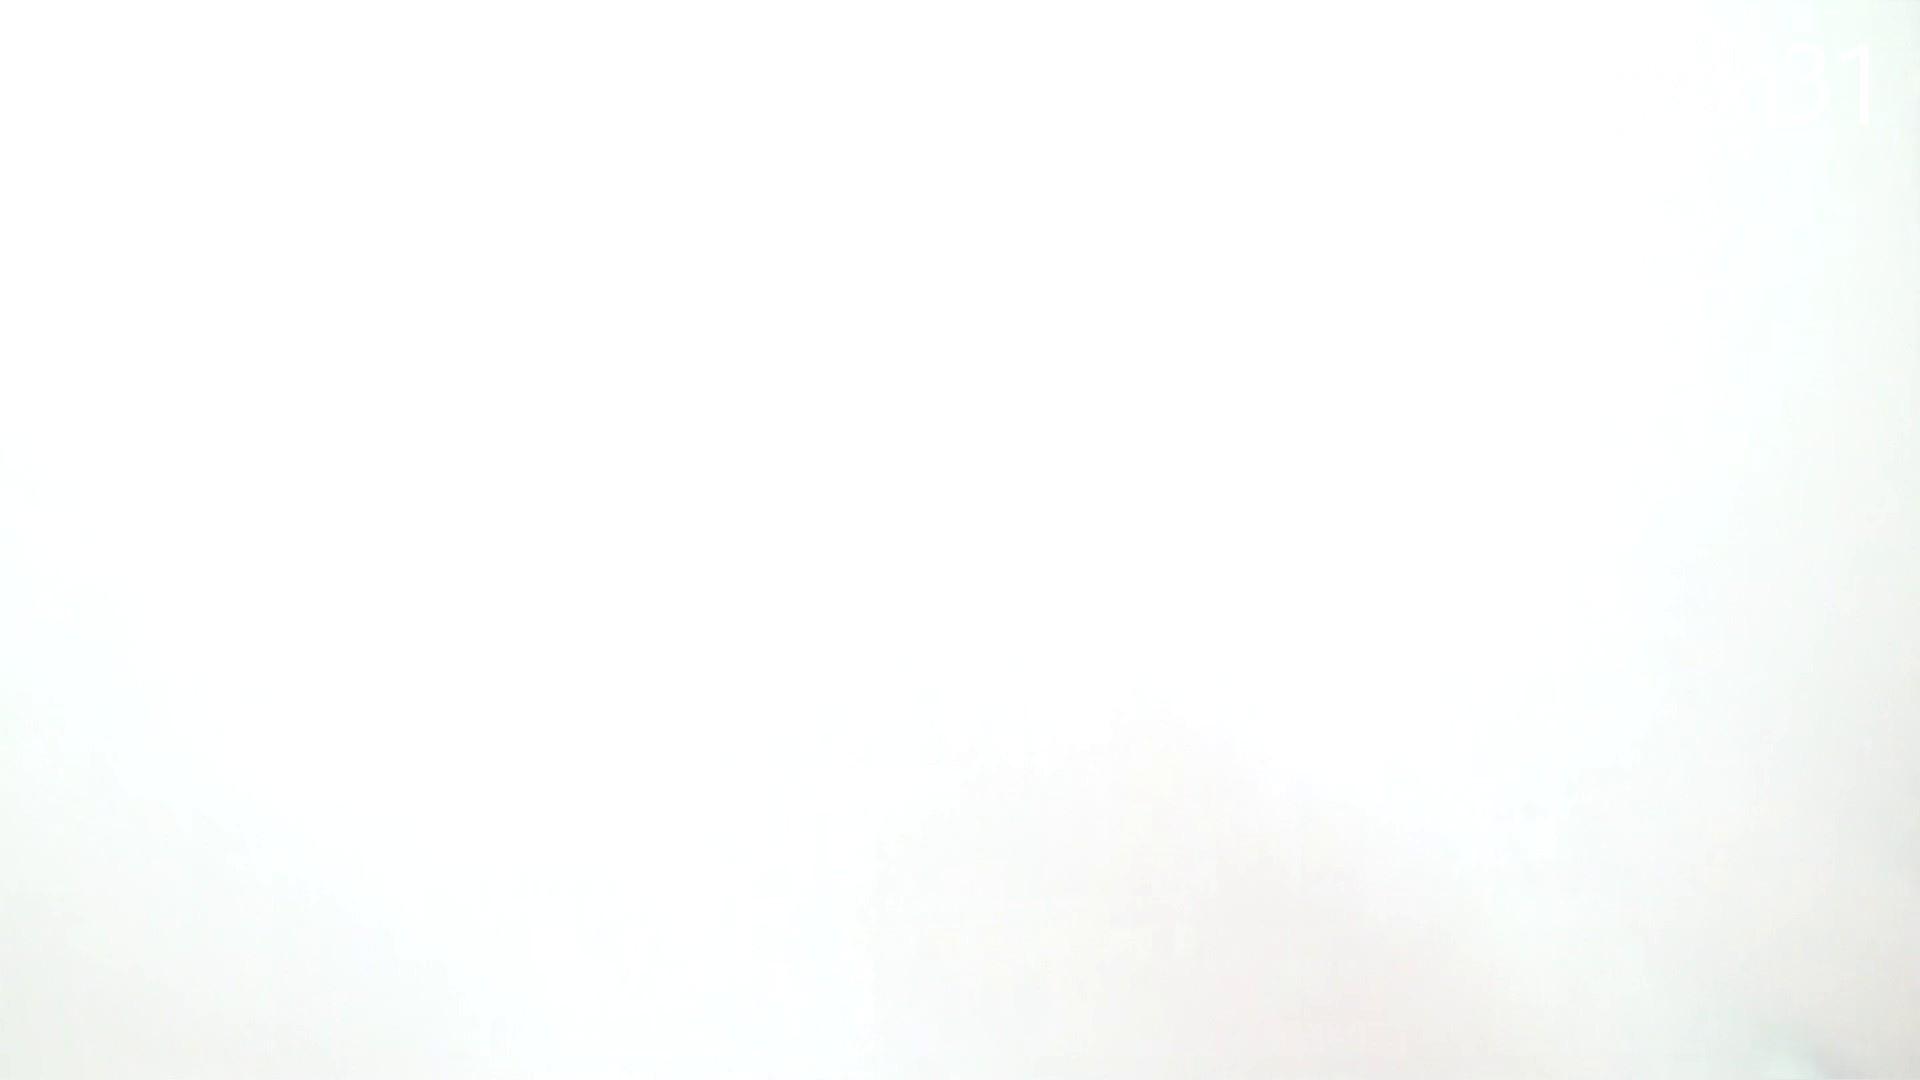 ▲復活限定▲ハイビジョン 盗神伝 Vol.31 エッチなOL  103枚 82